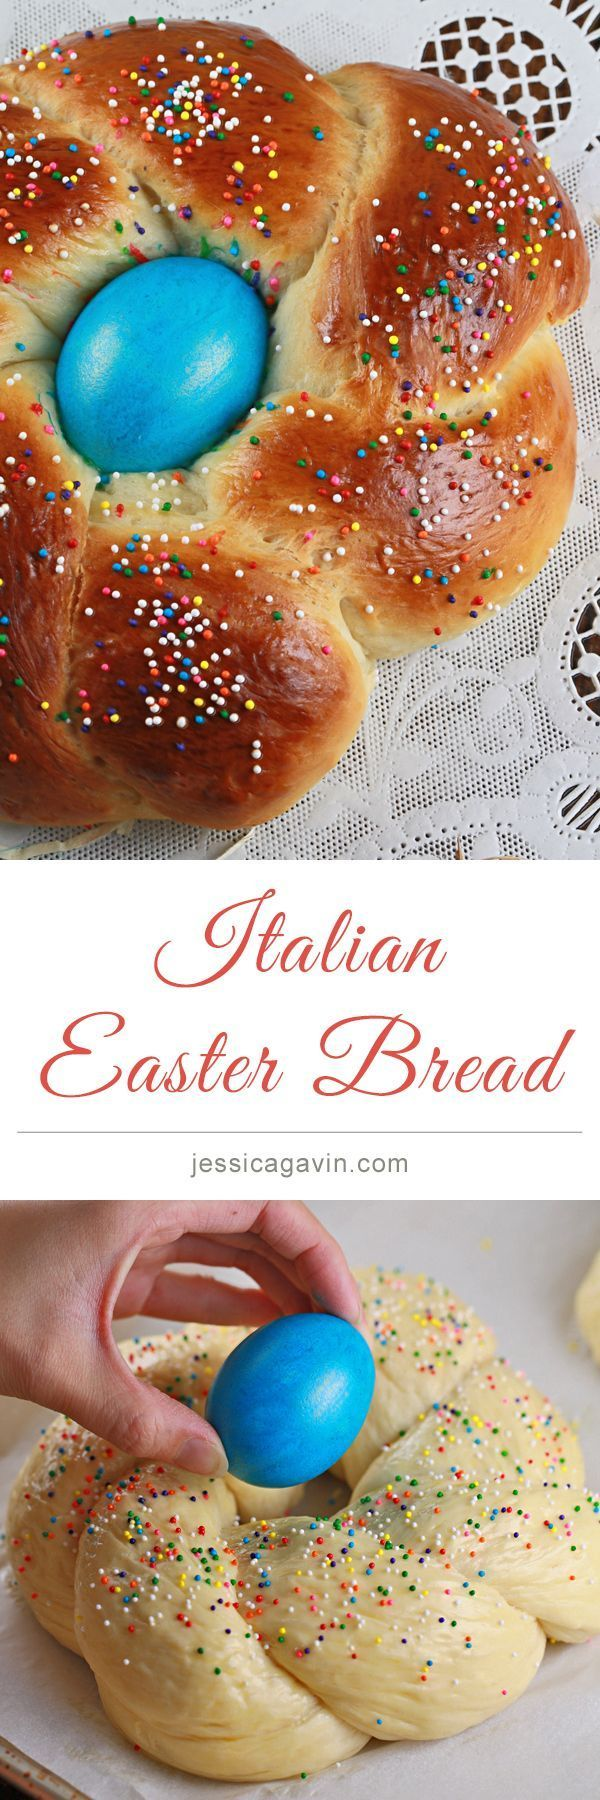 Delicious Italian Easter Bread Recipe   jessicagavin.com